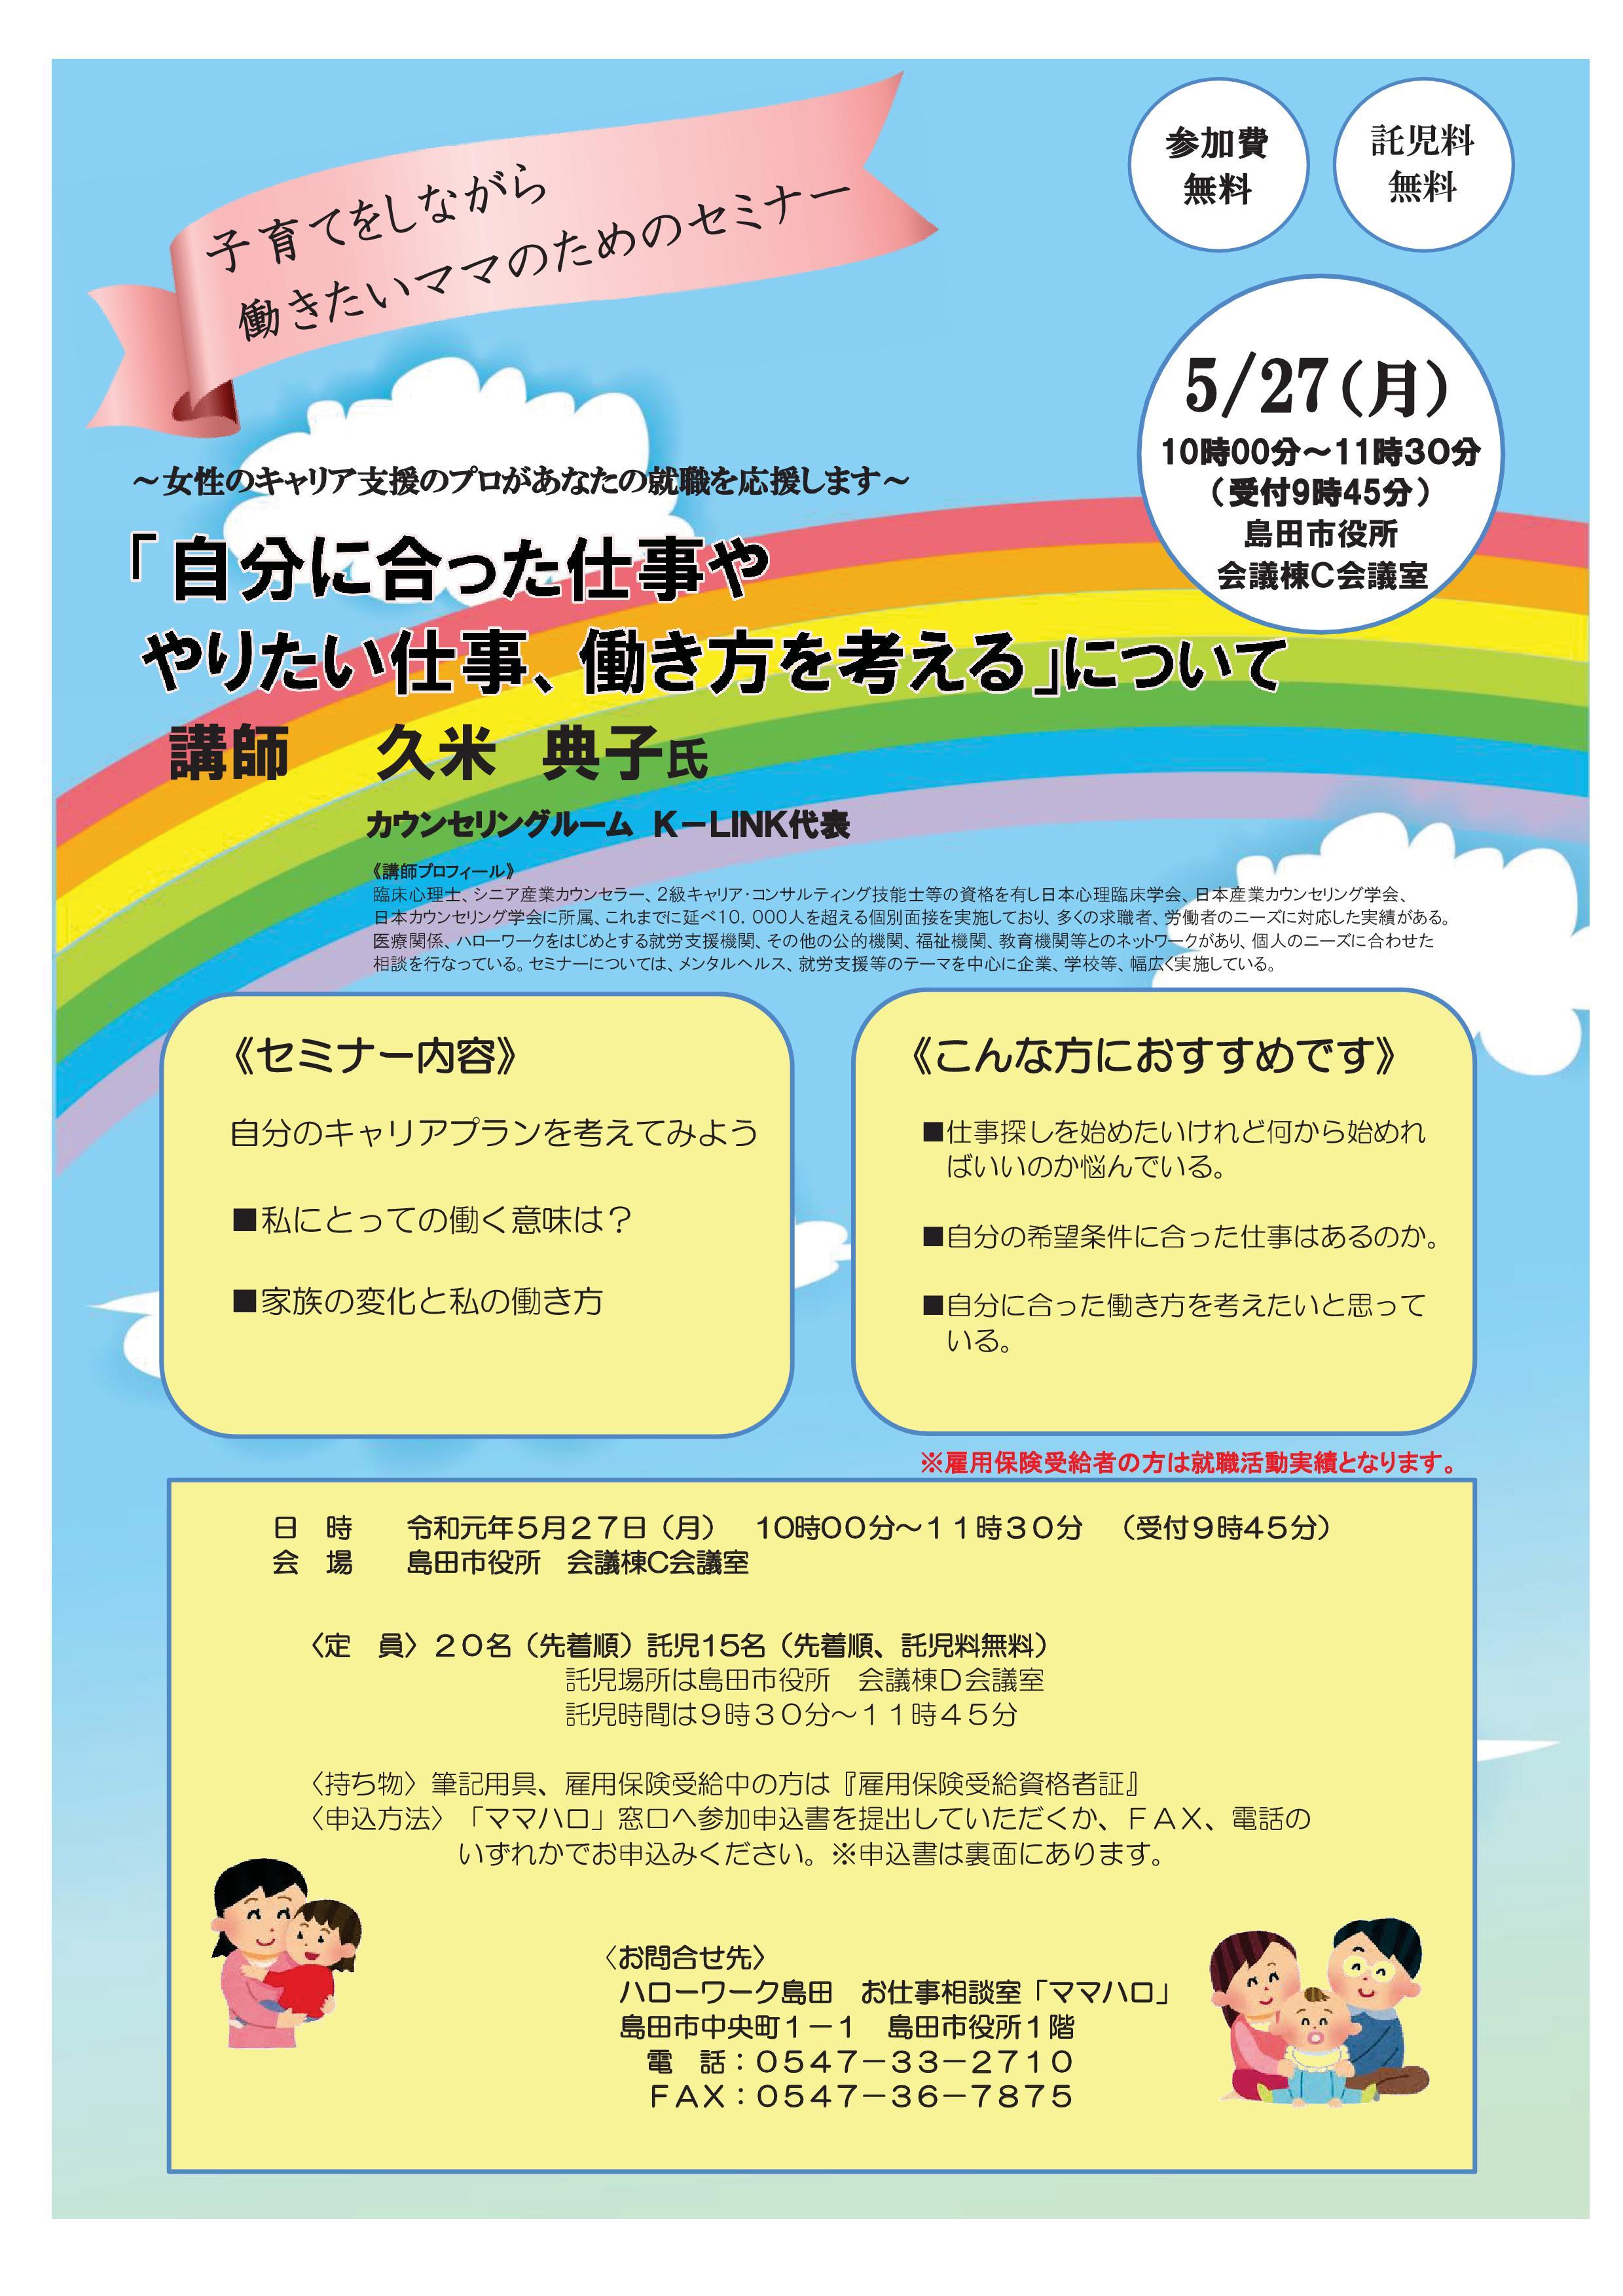 3105セミナー(久米講師)-001